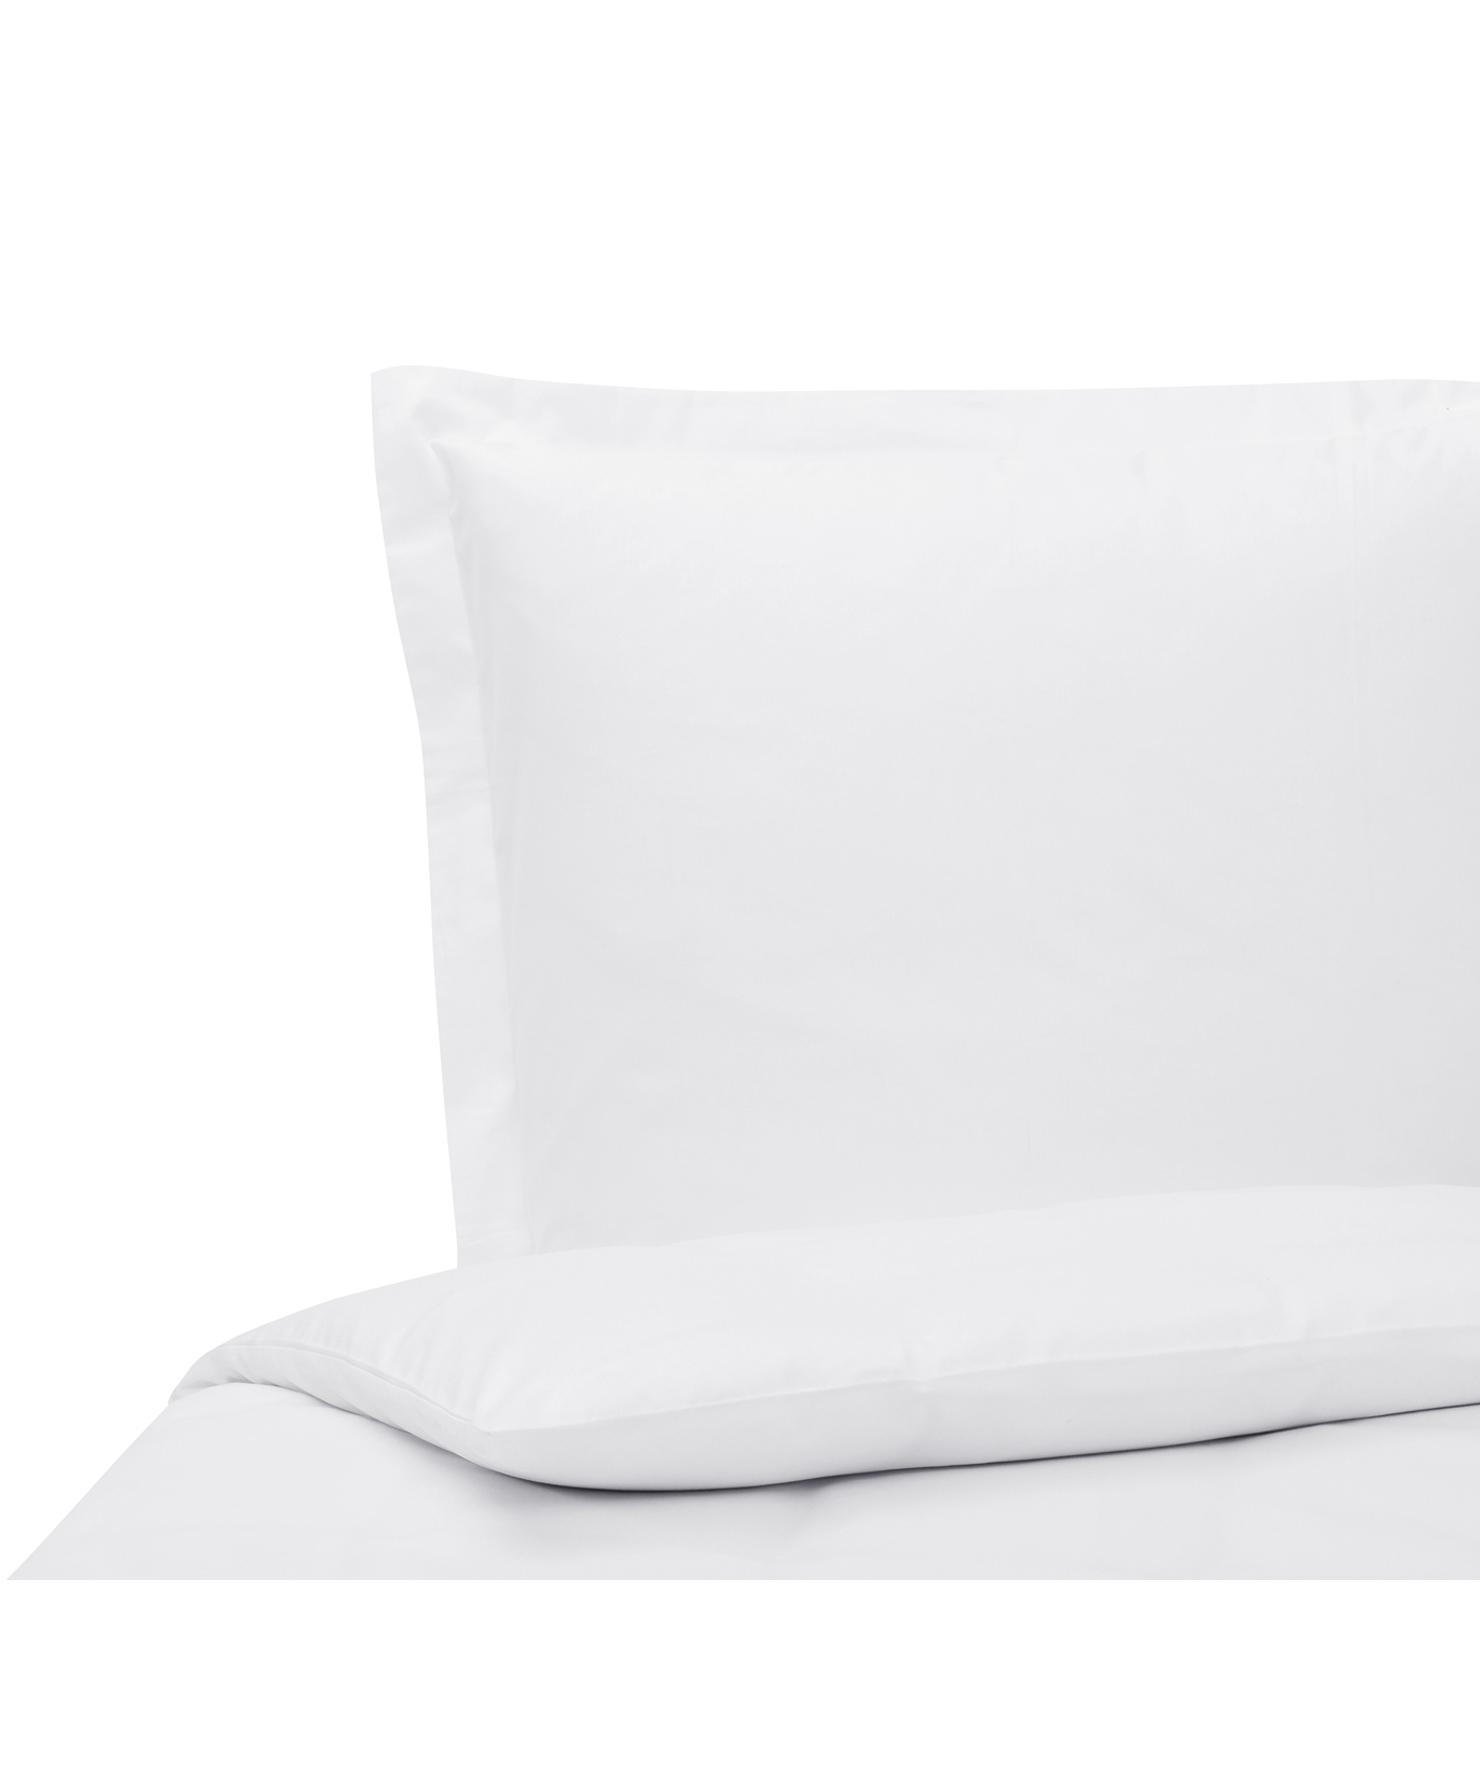 Pościel z satyny bawełnianej Premium, Biały, 155 x 220 cm